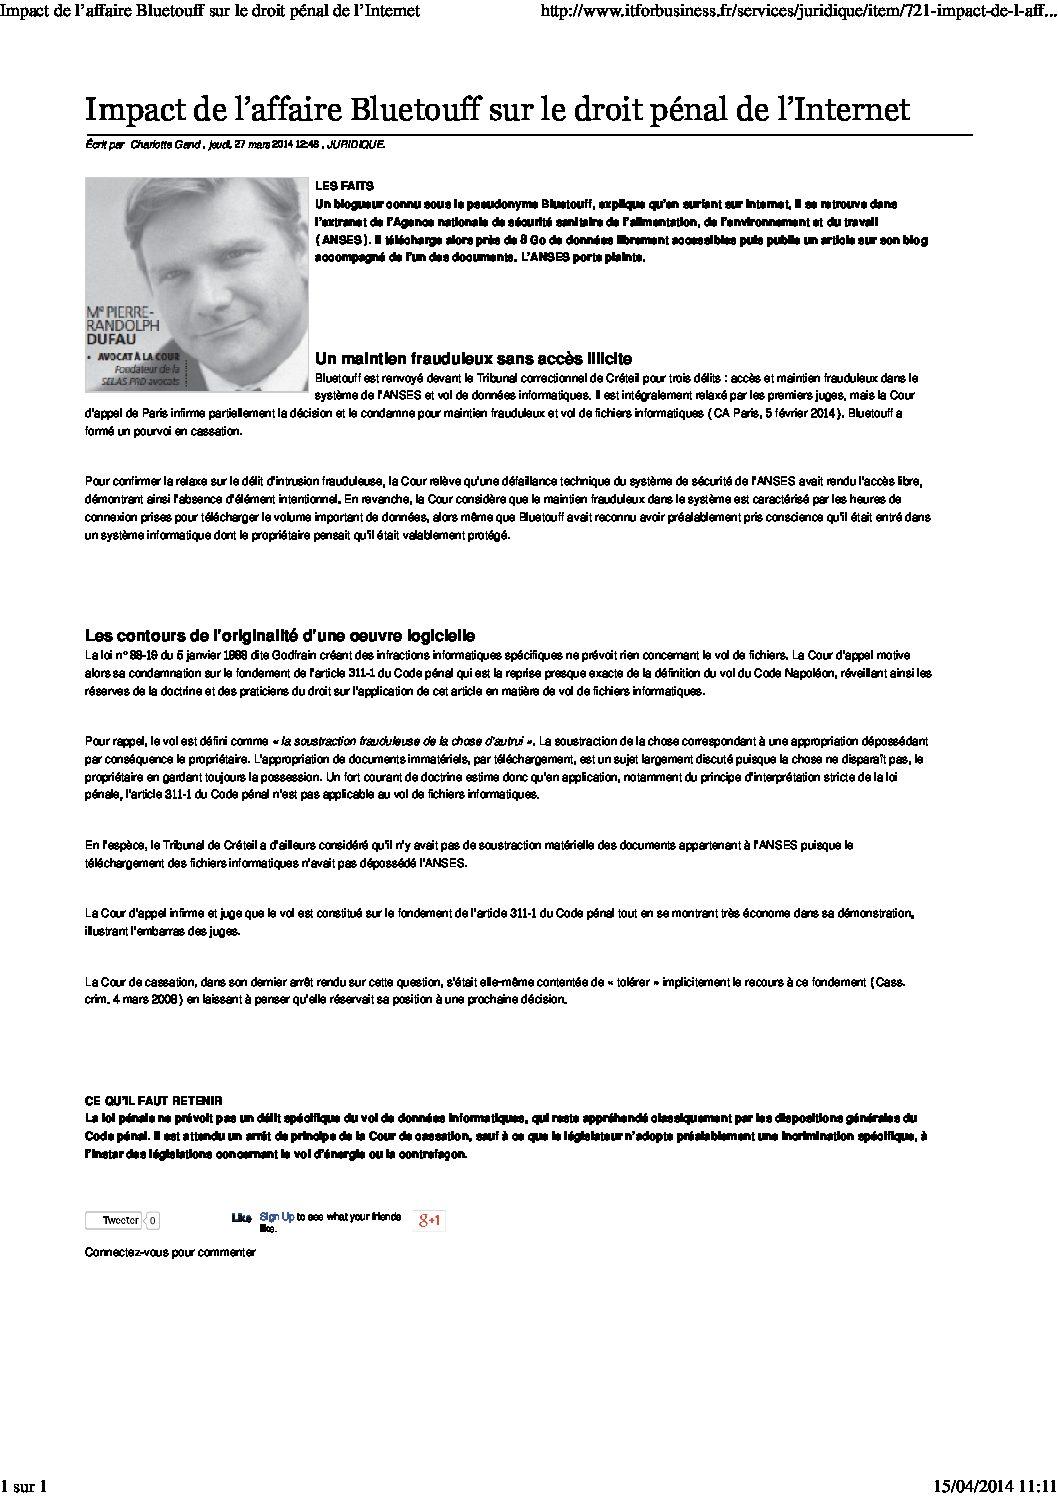 Impacto del caso Bluetouff en el derecho penal de Internet